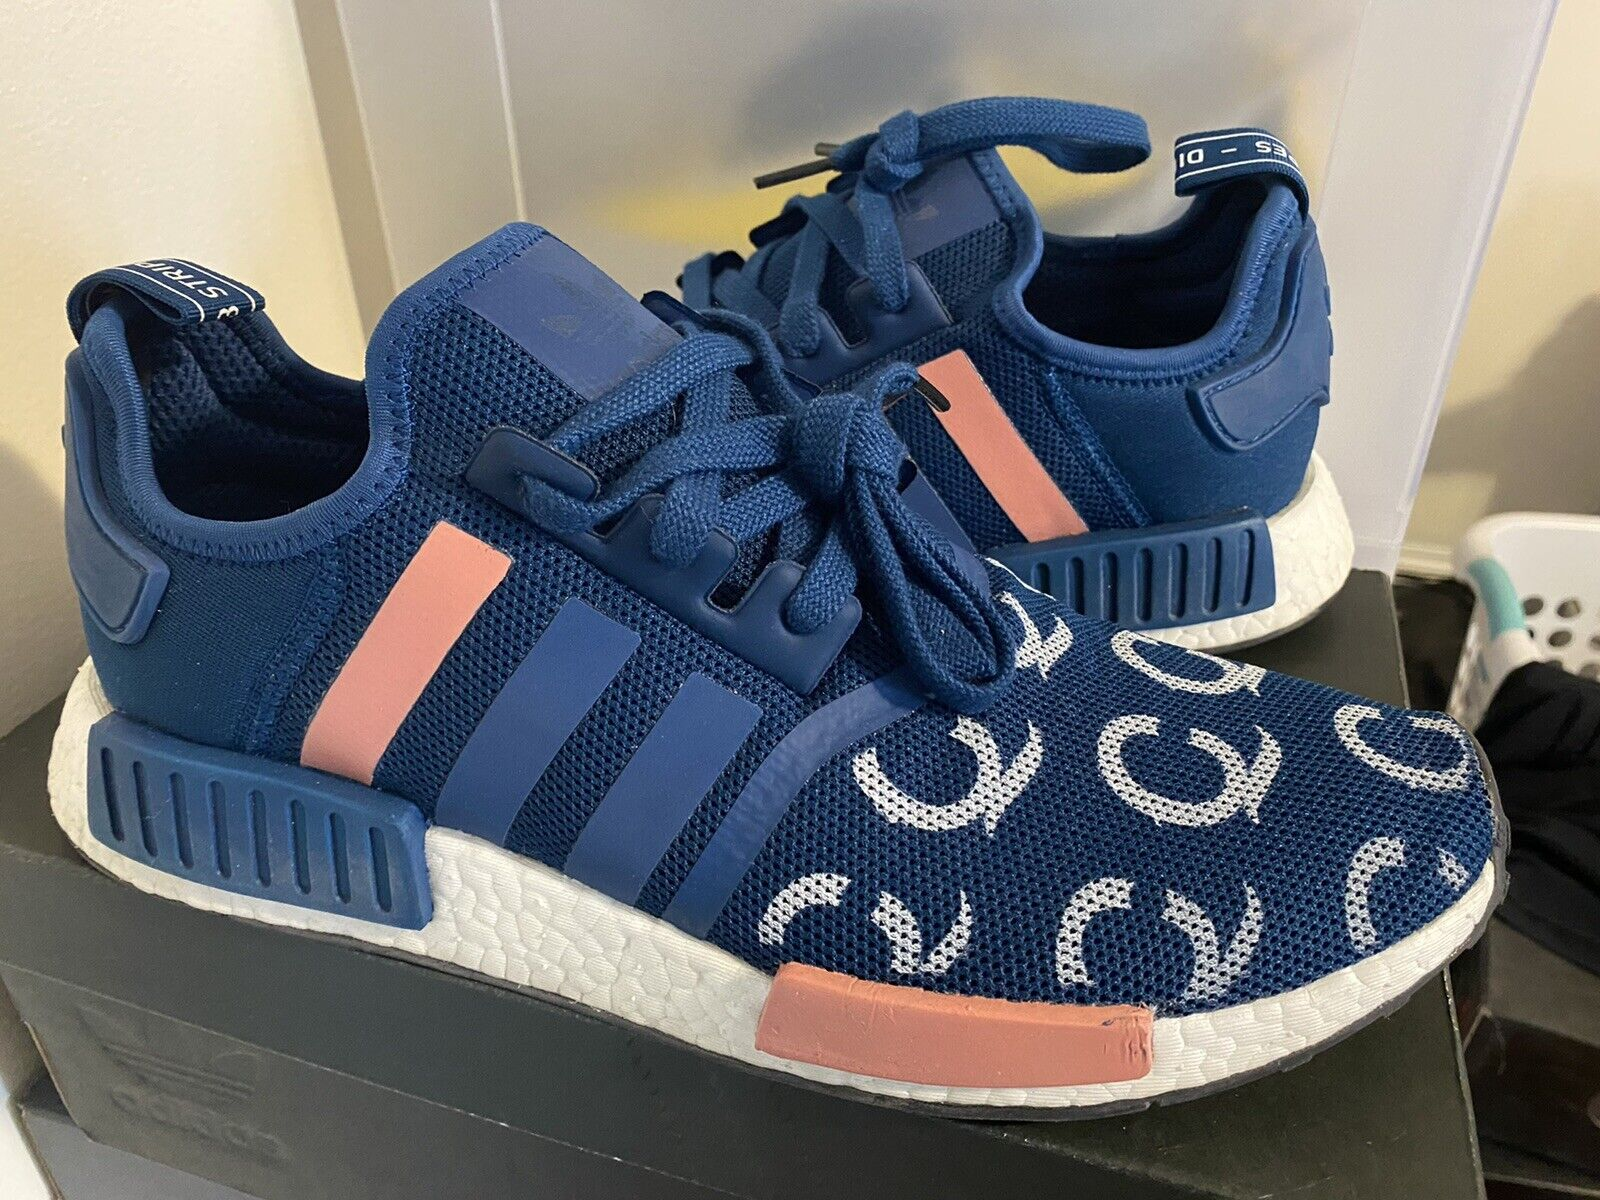 adidas NMD R1 Blue Night Men Size 11 BY3016 - Gem